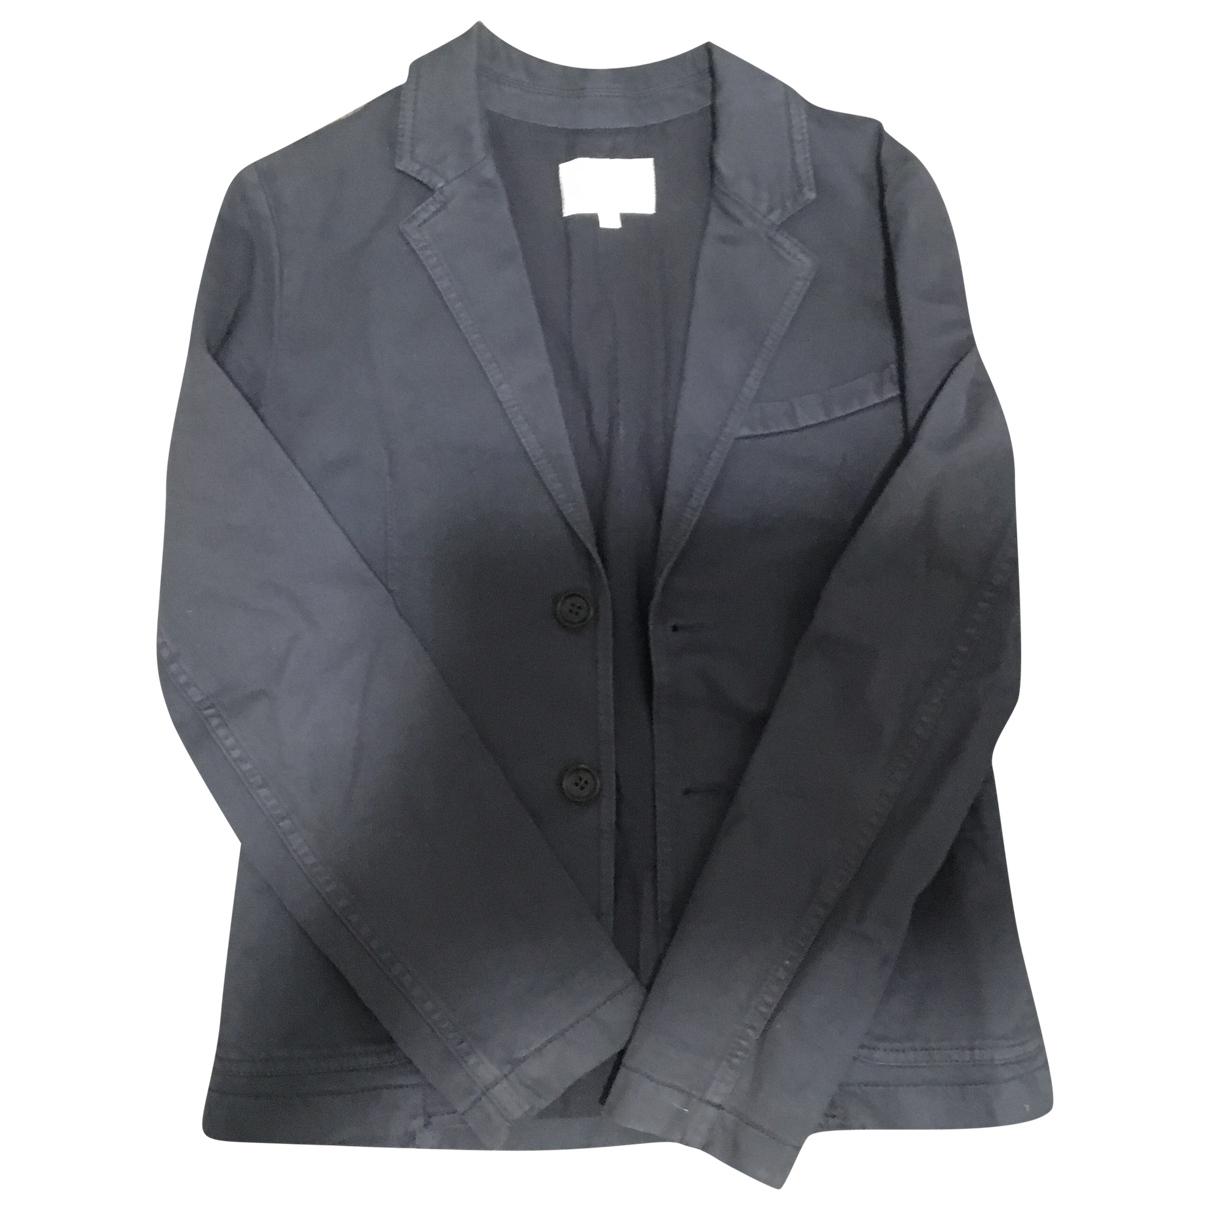 Gucci - Blousons.Manteaux   pour enfant en coton - gris